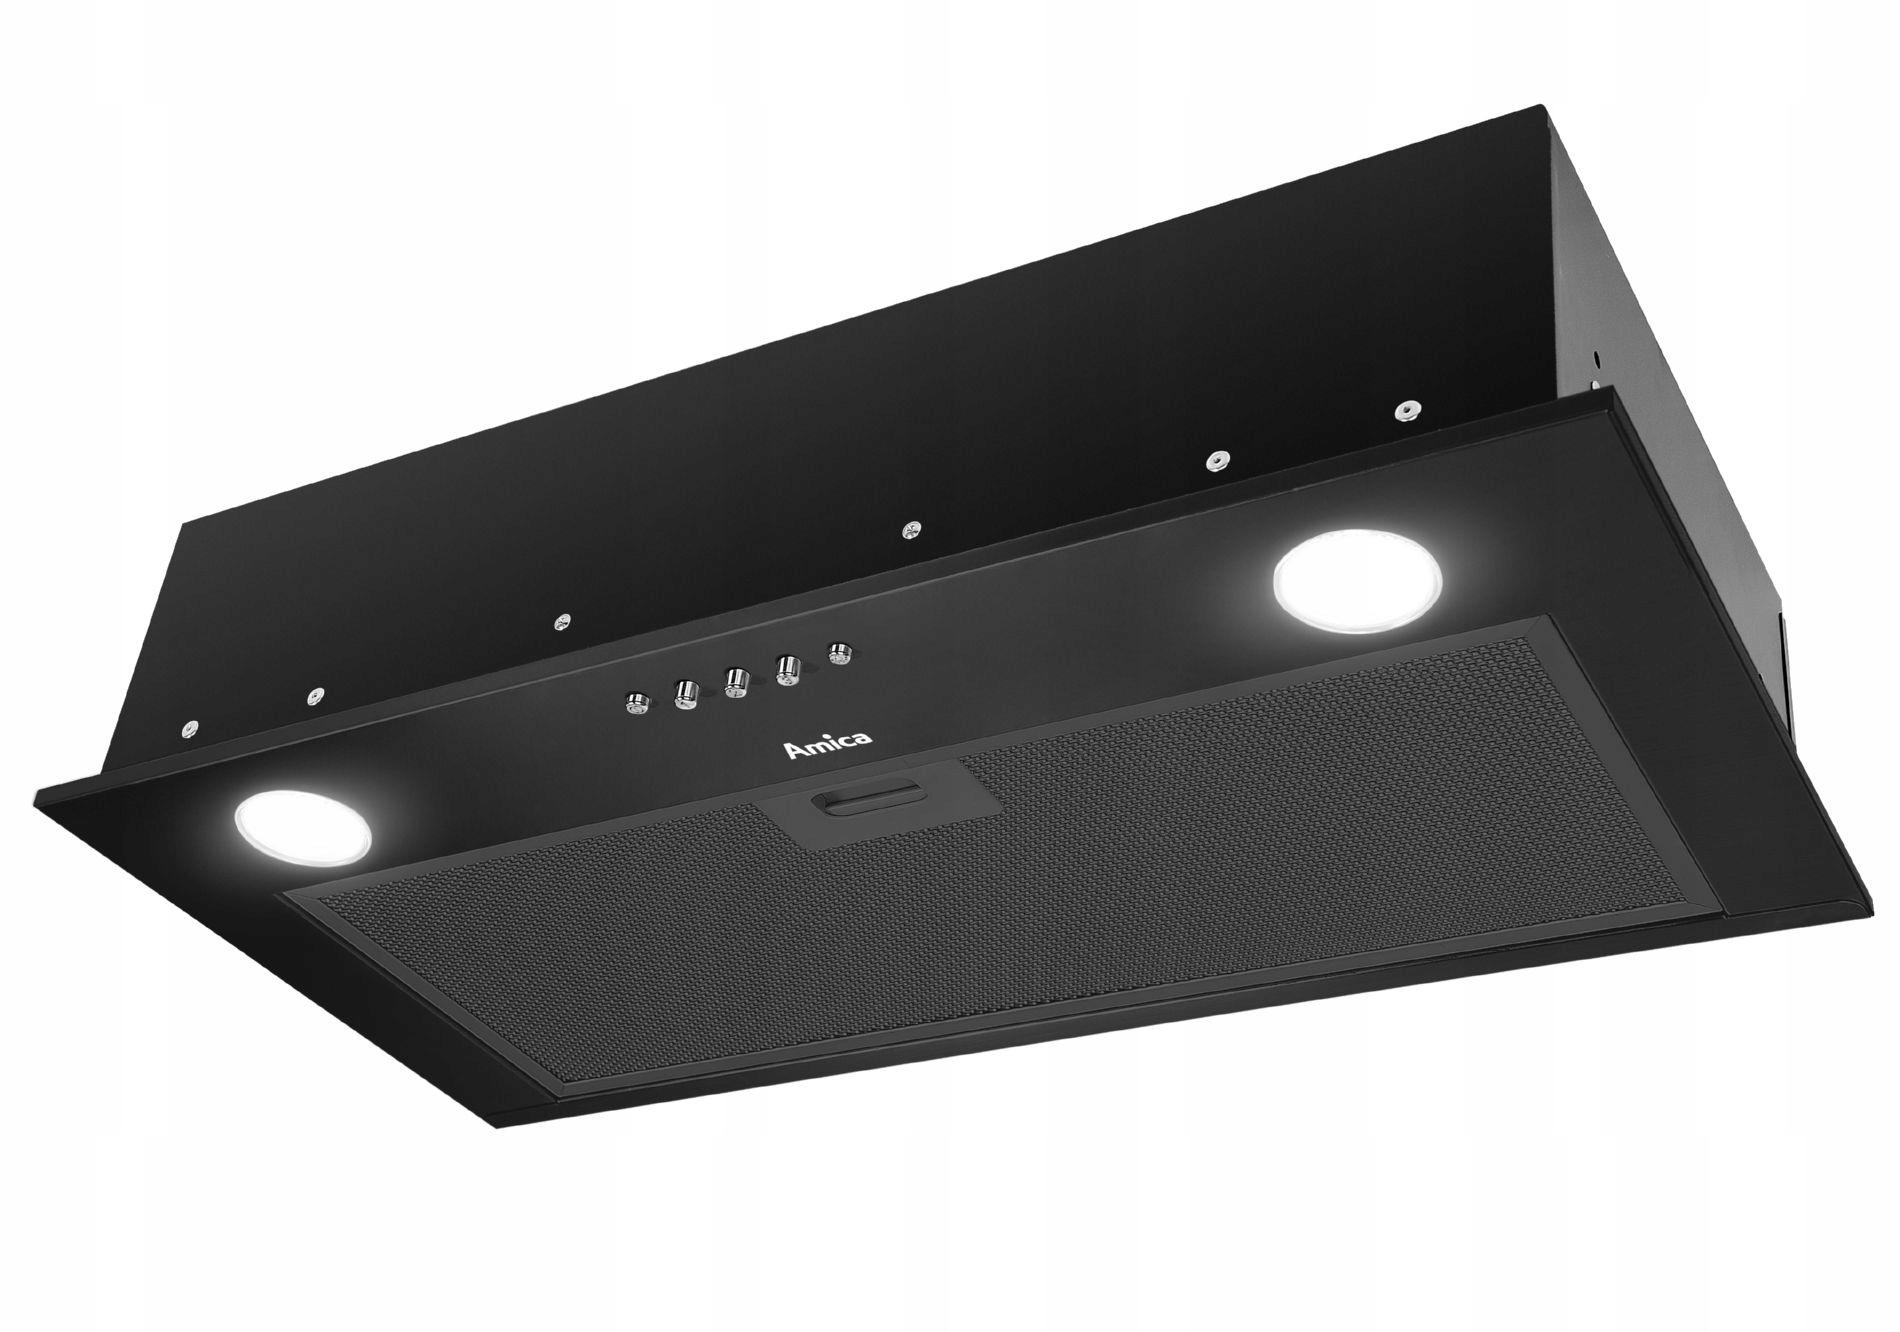 Кухонная ВЫТЯЖКА AMICA для установки 60 см ЧЕРНЫЙ LED